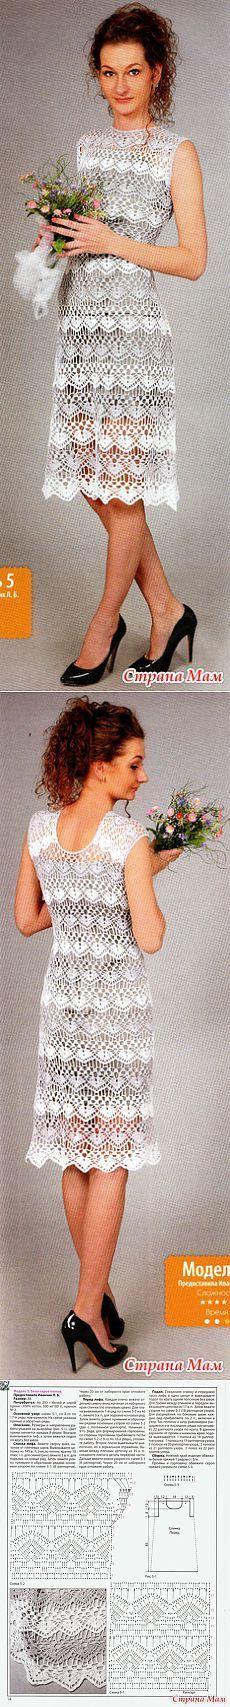 . Серебристо белый ажур. Нарядное платье. - Все в ажуре... (вязание крючком) - Страна Мам